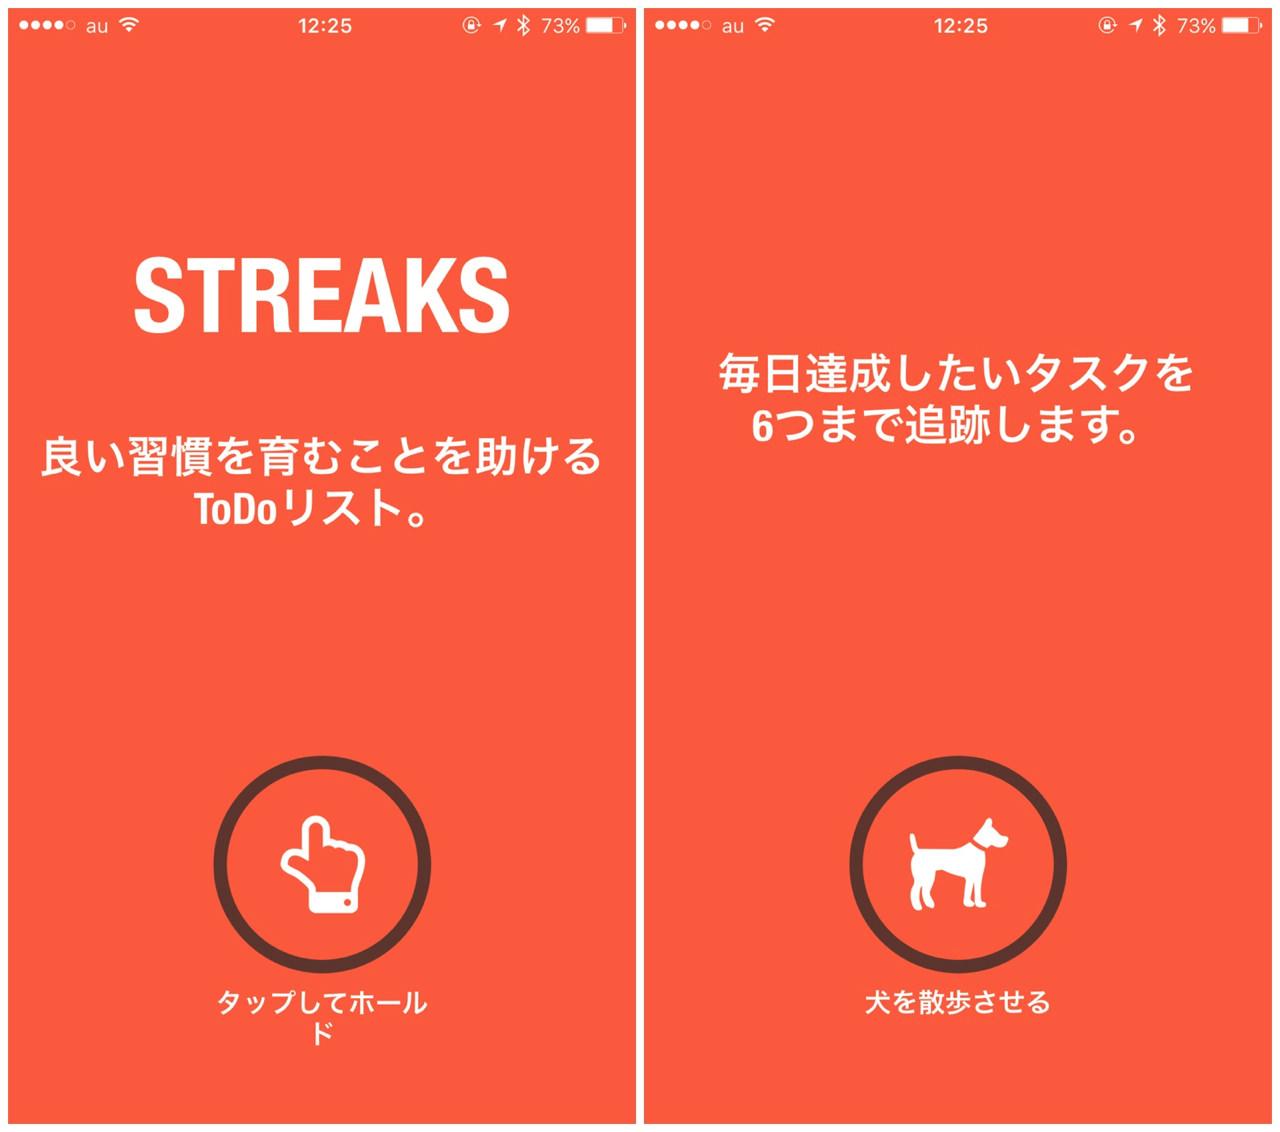 Streaks1